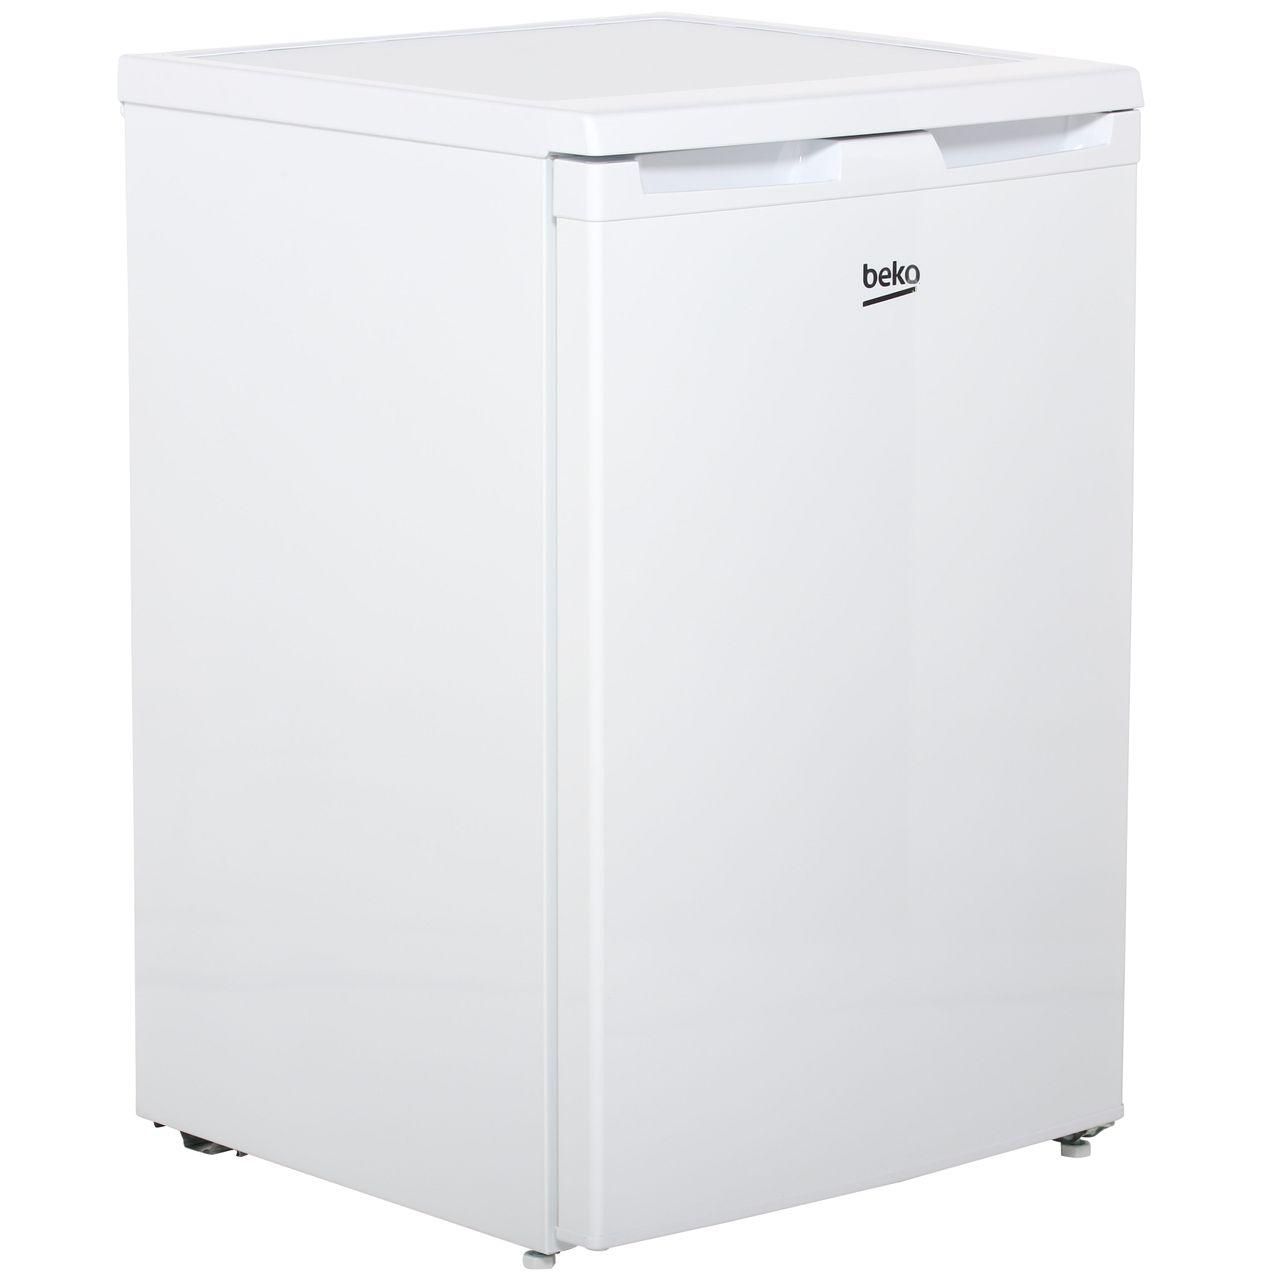 Outdoorküche Mit Kühlschrank Xs : A liebherr kühlschrank preisvergleich u2022 die besten angebote online